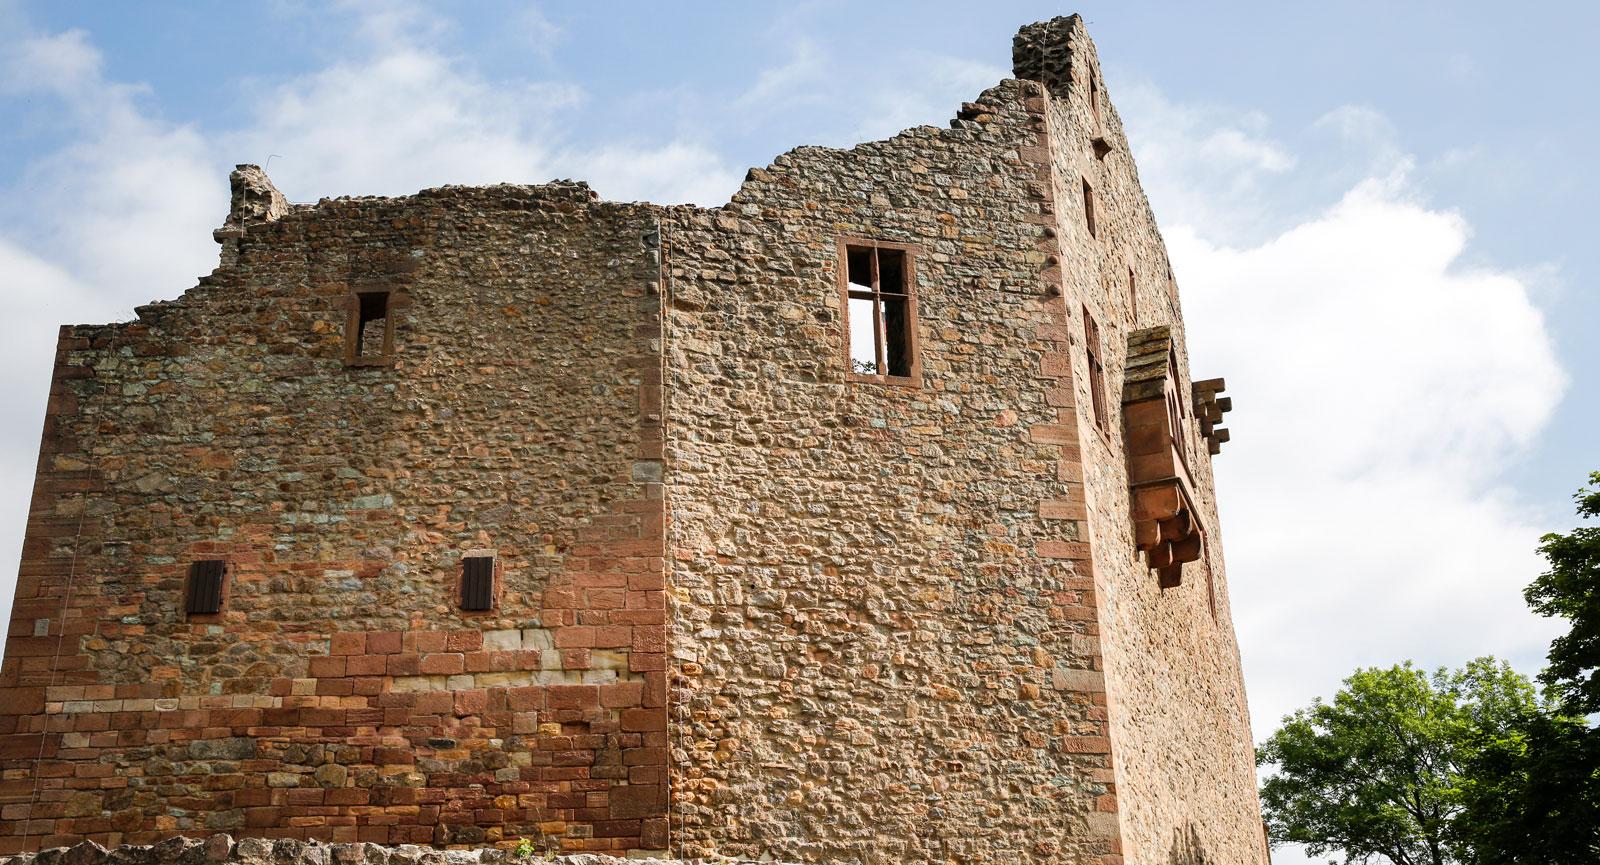 Ruinerna av slottet Windeck högt upp på bergssidan.